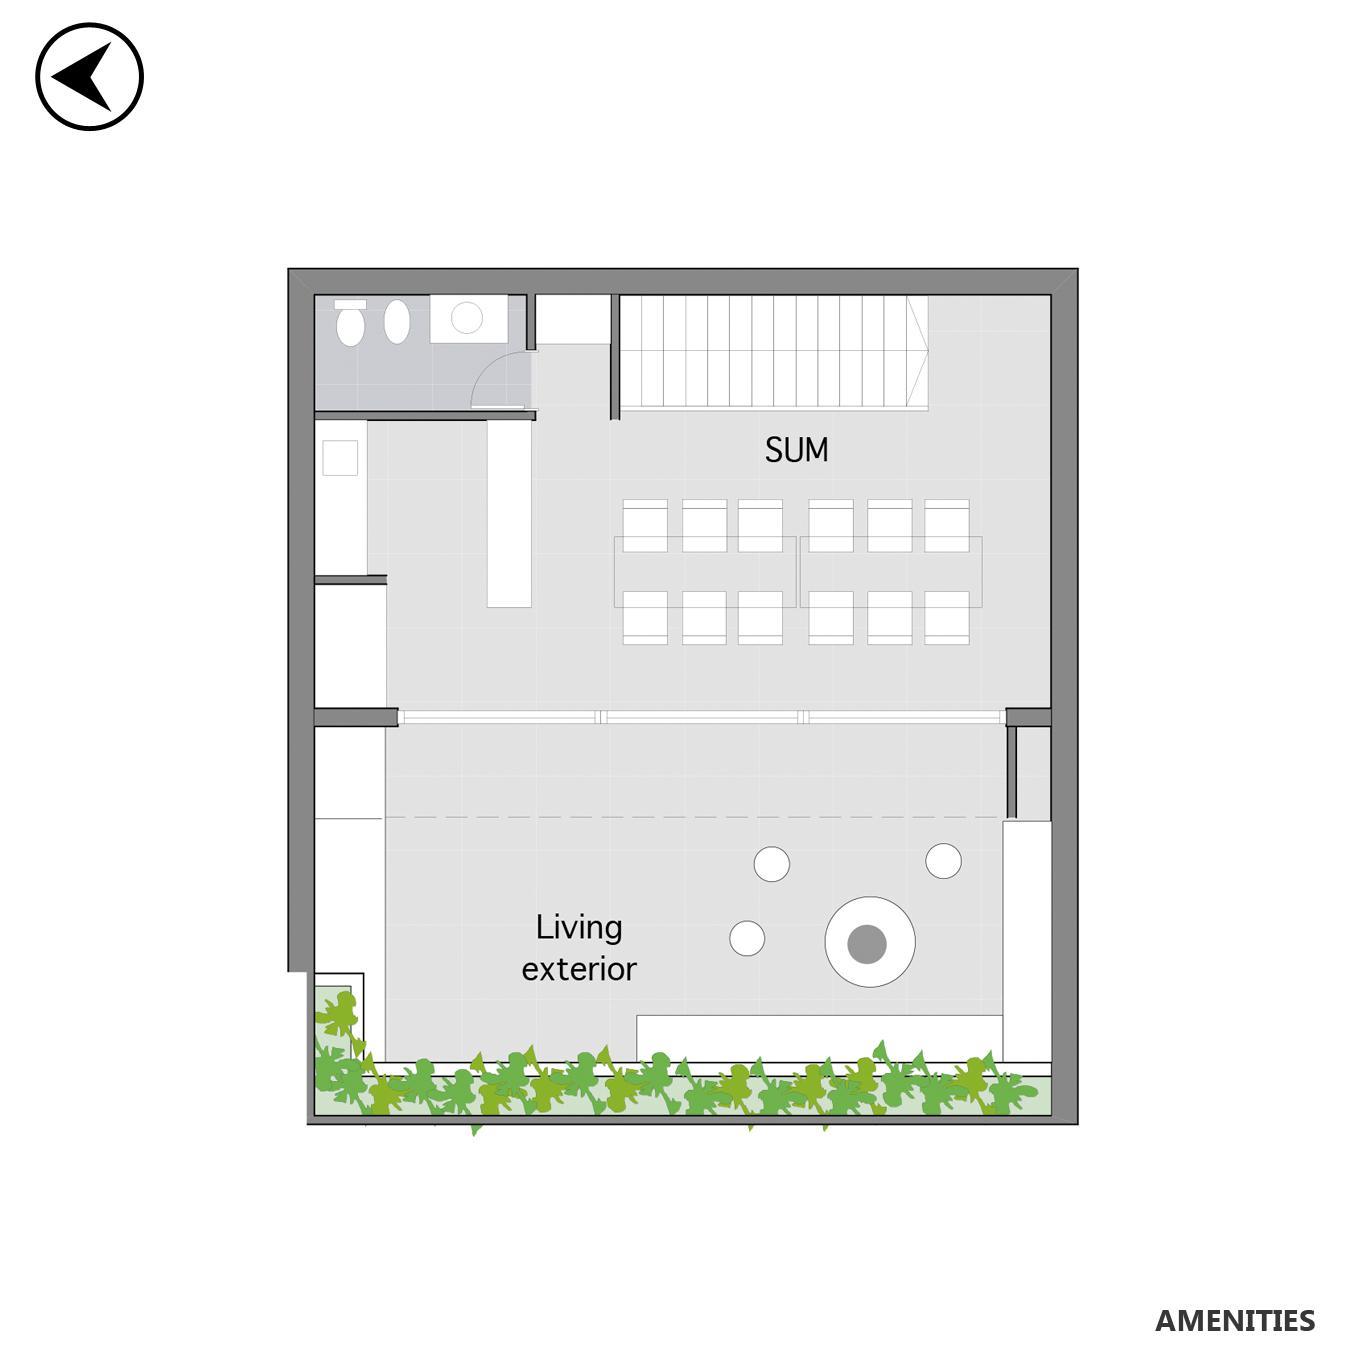 Venta departamento 1 dormitorio Rosario, Martin. Cod CBU24537 AP2285293. Crestale Propiedades